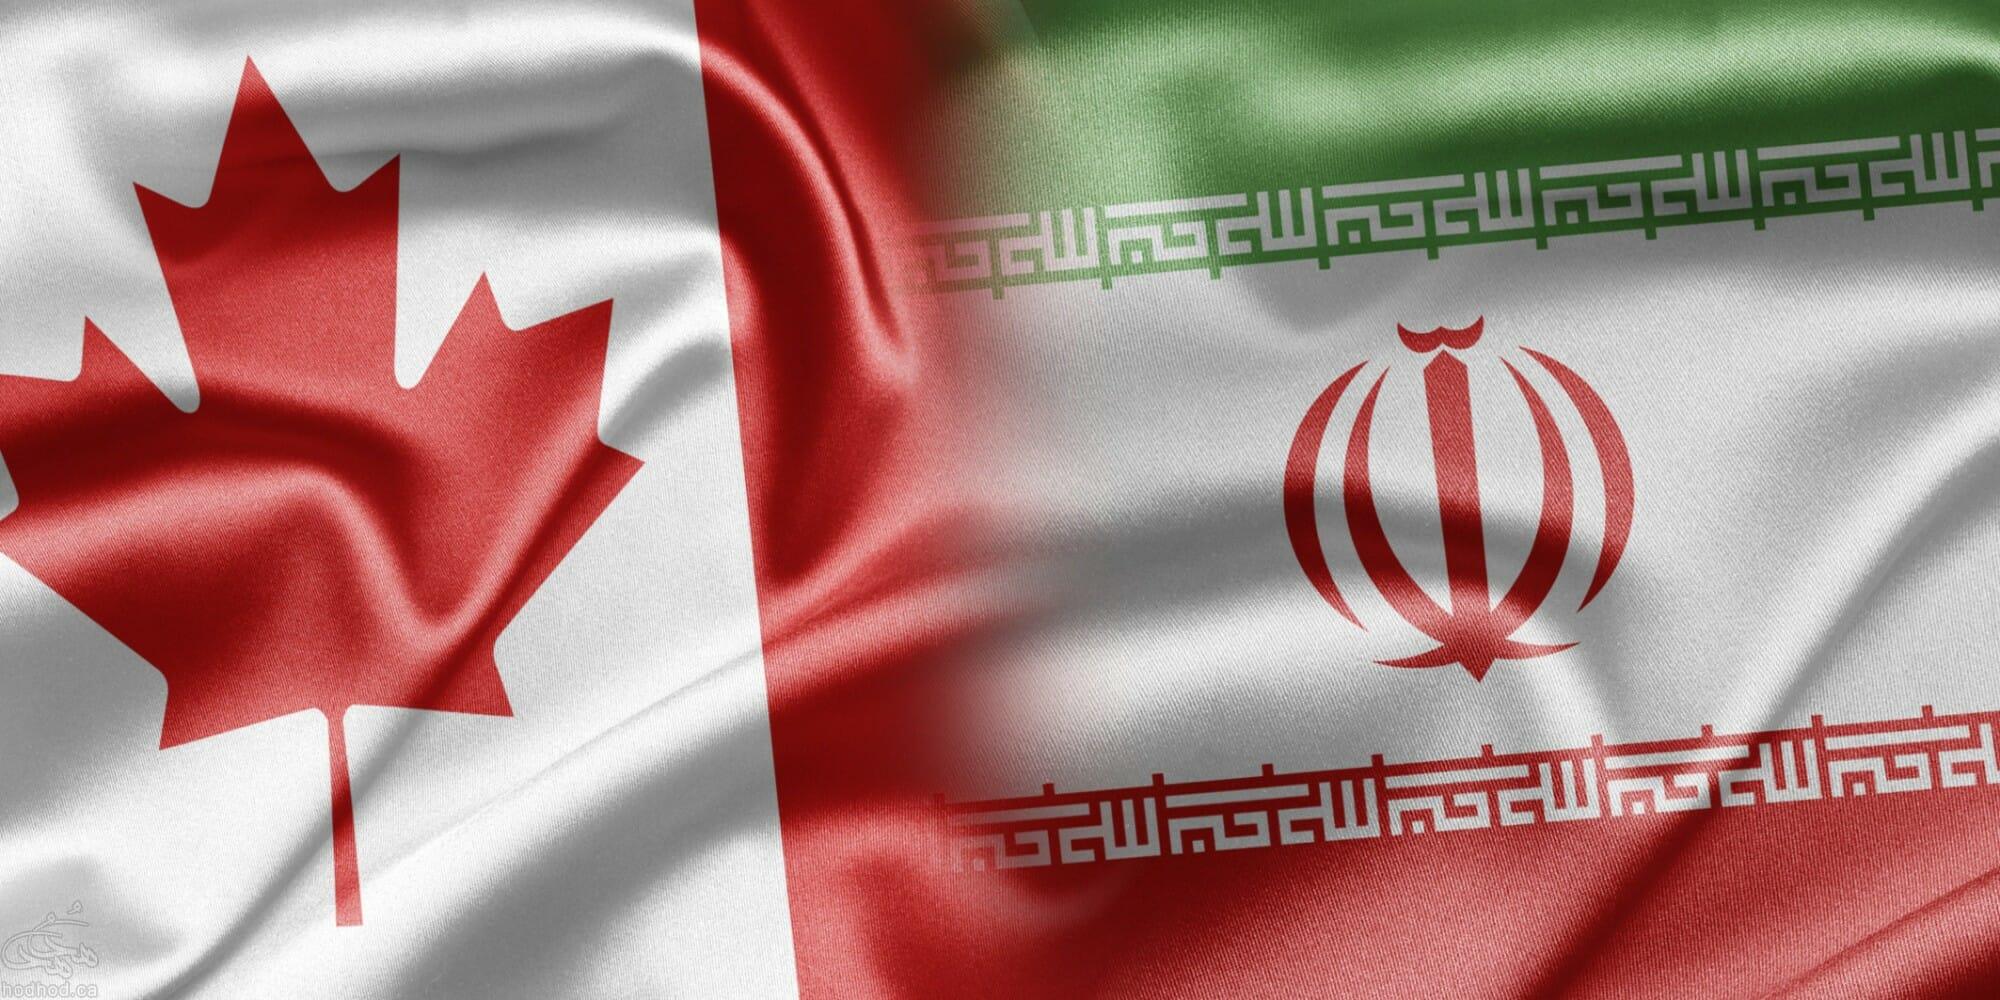 شمارش معکوس روابط دیپلماتیک ایران و کانادا، قاسمی سخنگوی وزارت امور خارجه ایران: احتمال ازسرگیری روابط ایران و کانادا